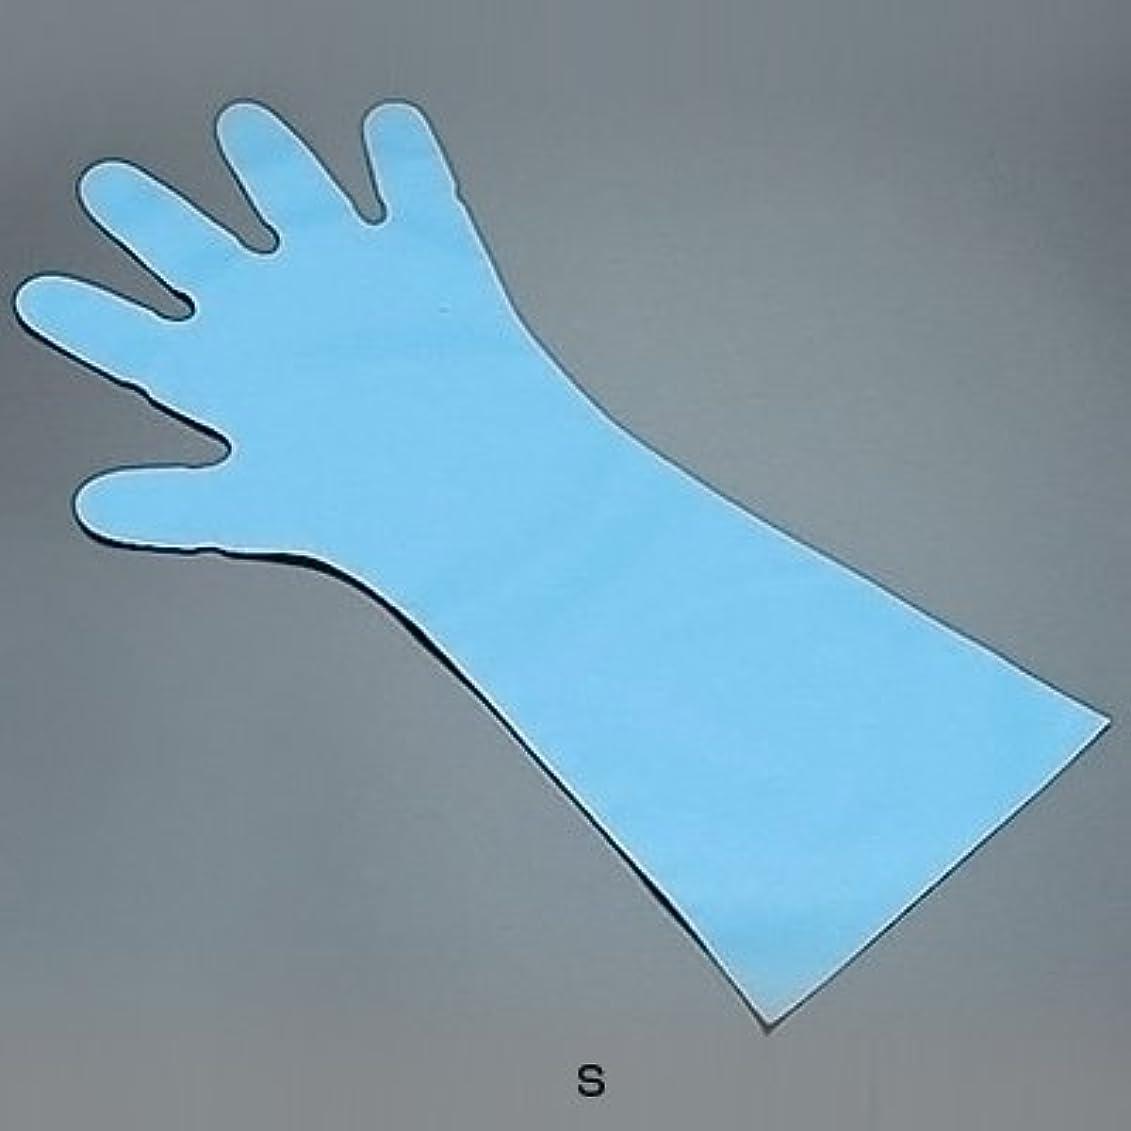 死の顎冷笑するドナーエンボス手袋 五本絞り ロング#50 (1袋50枚入) S 全長45cm <ブルー>